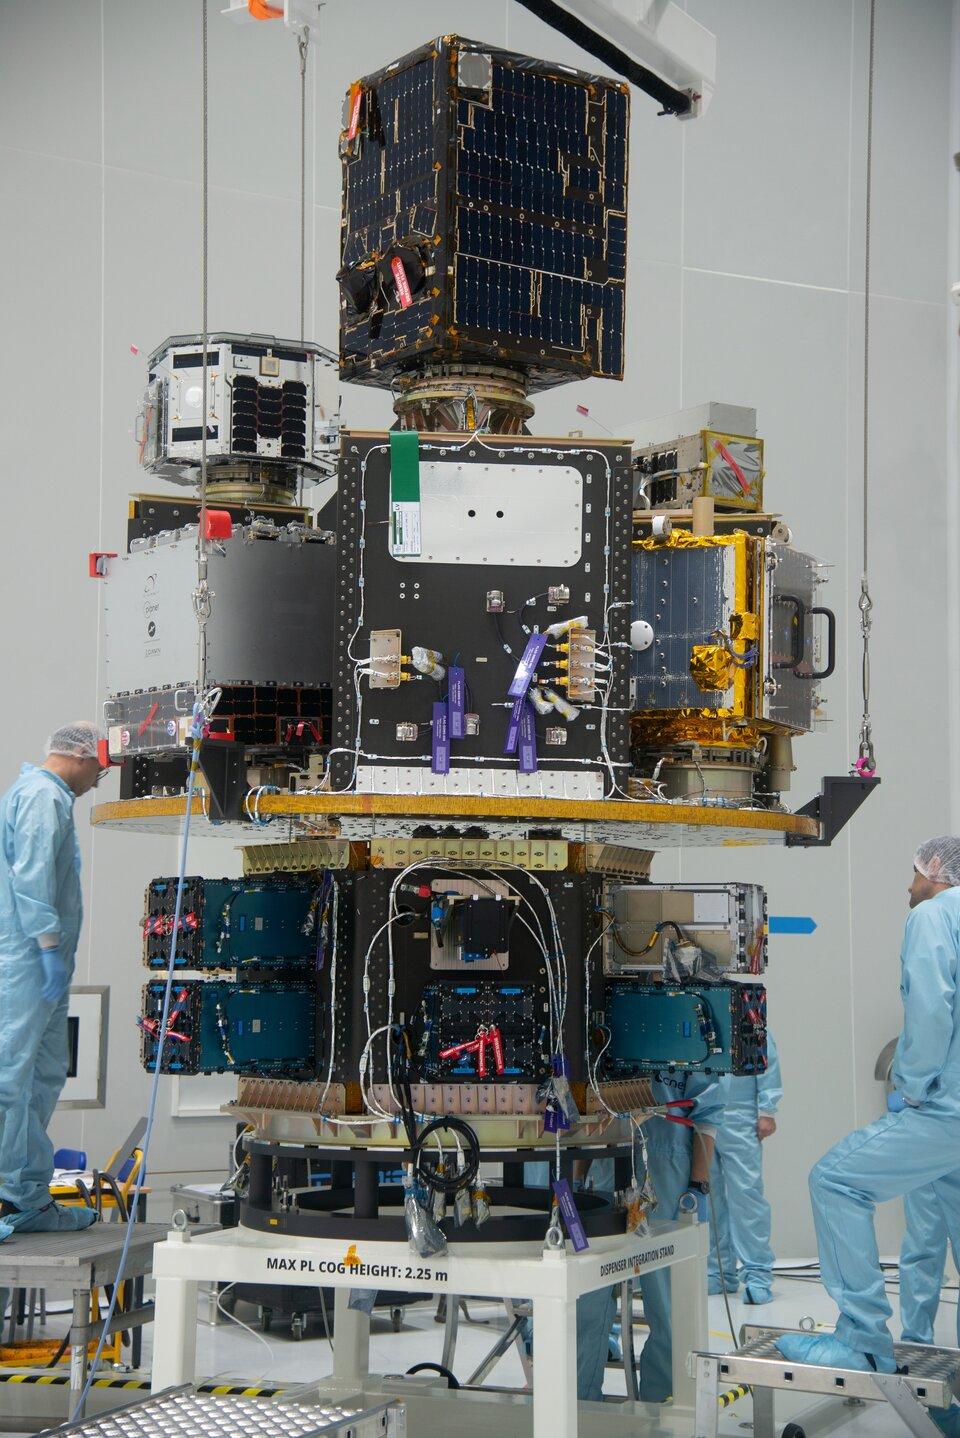 Equipado com satélites, o deck principal do SSMS e o módulo HEX são integrados